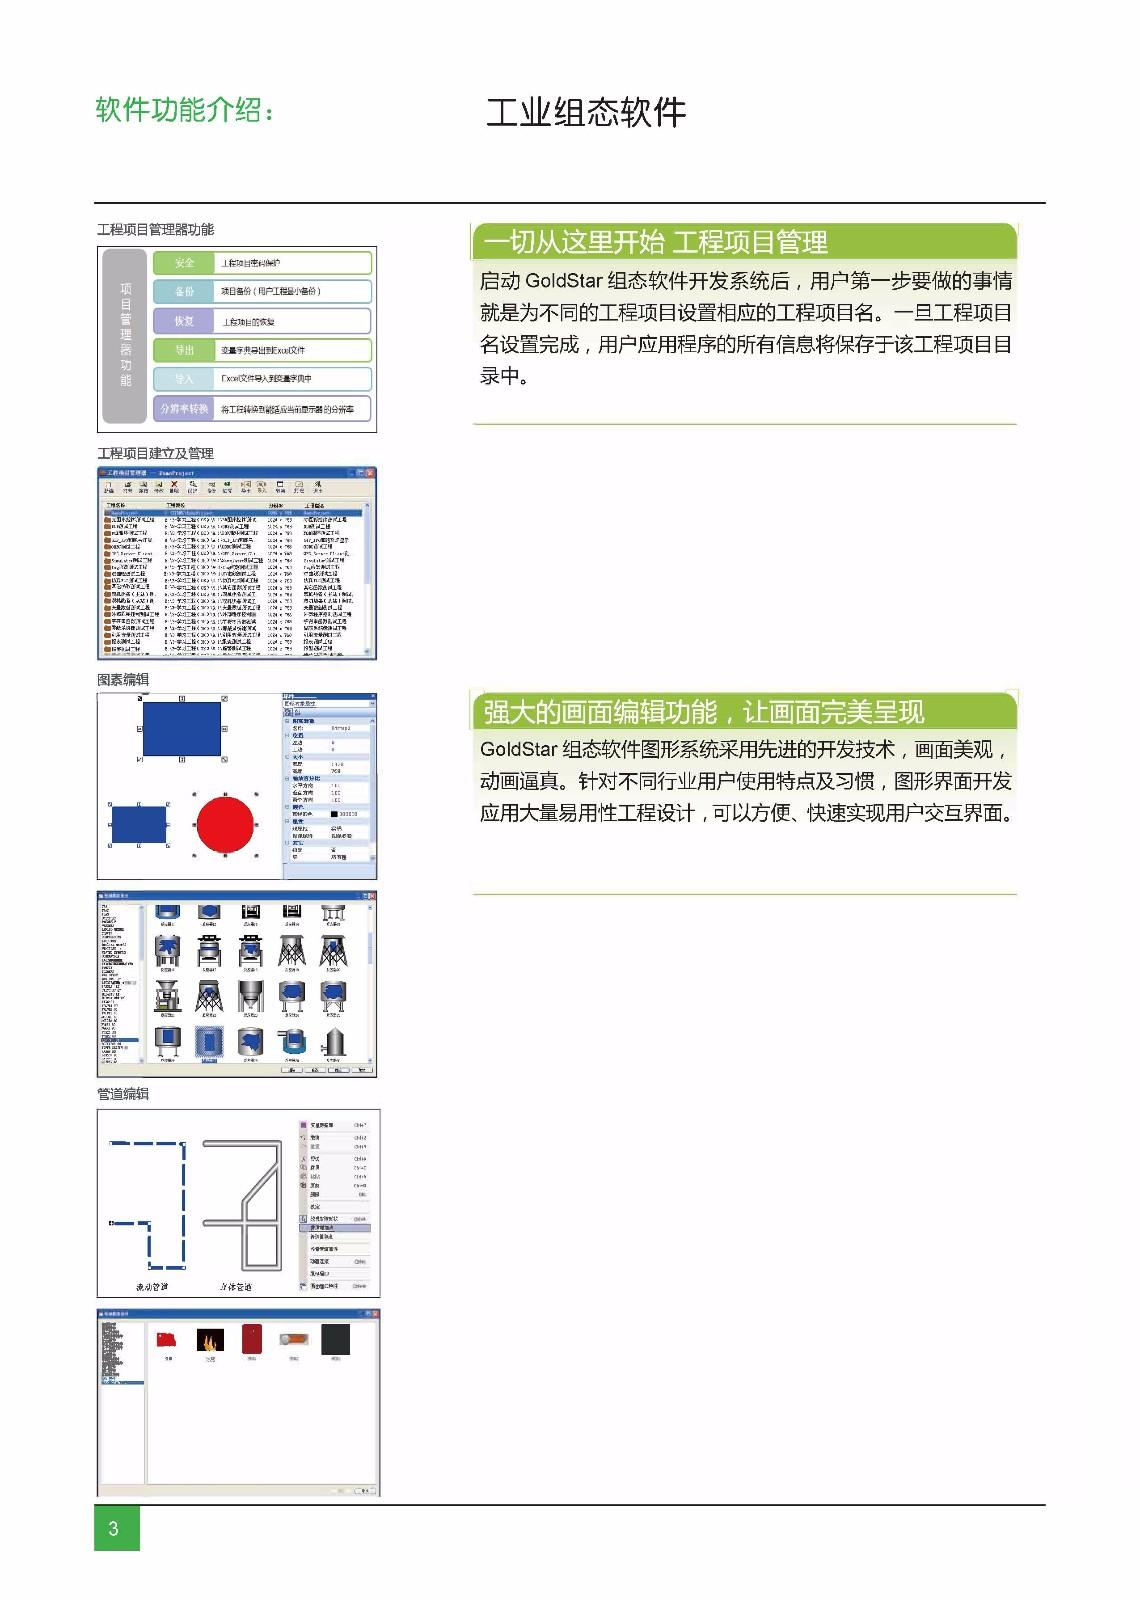 纯组态软件产品介绍_页面_3.jpg